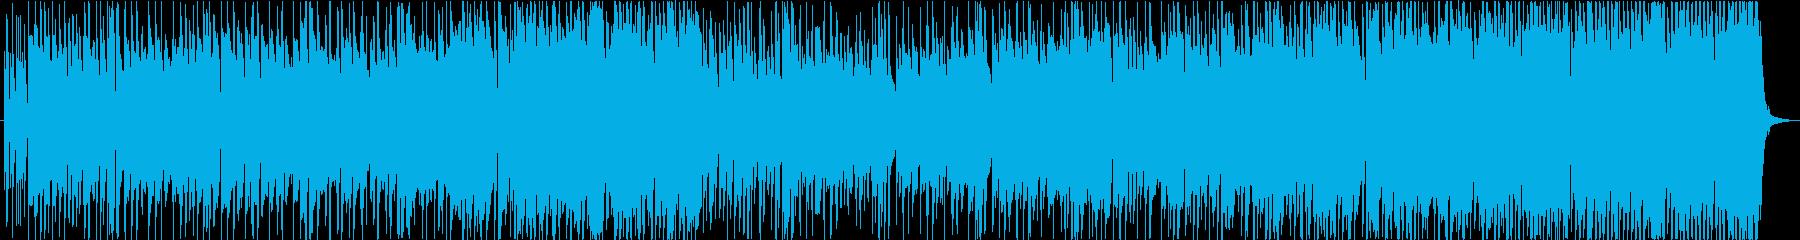 郷愁にかられるトランペット曲の再生済みの波形